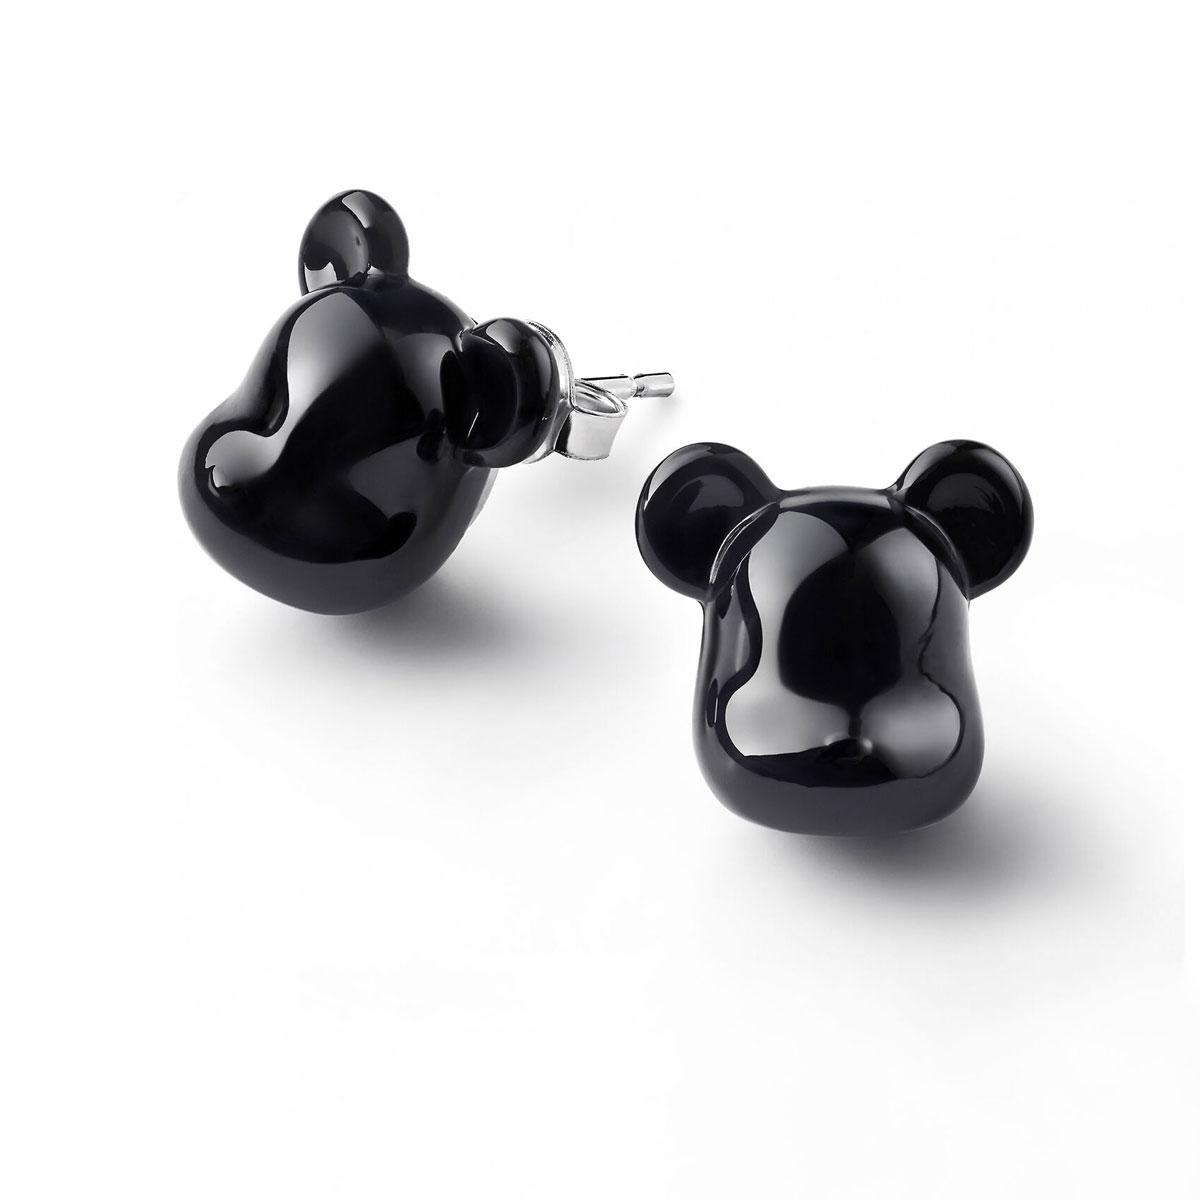 Baccarat BearBrick Stud Earrings, Silver and Black Crystal, Pair